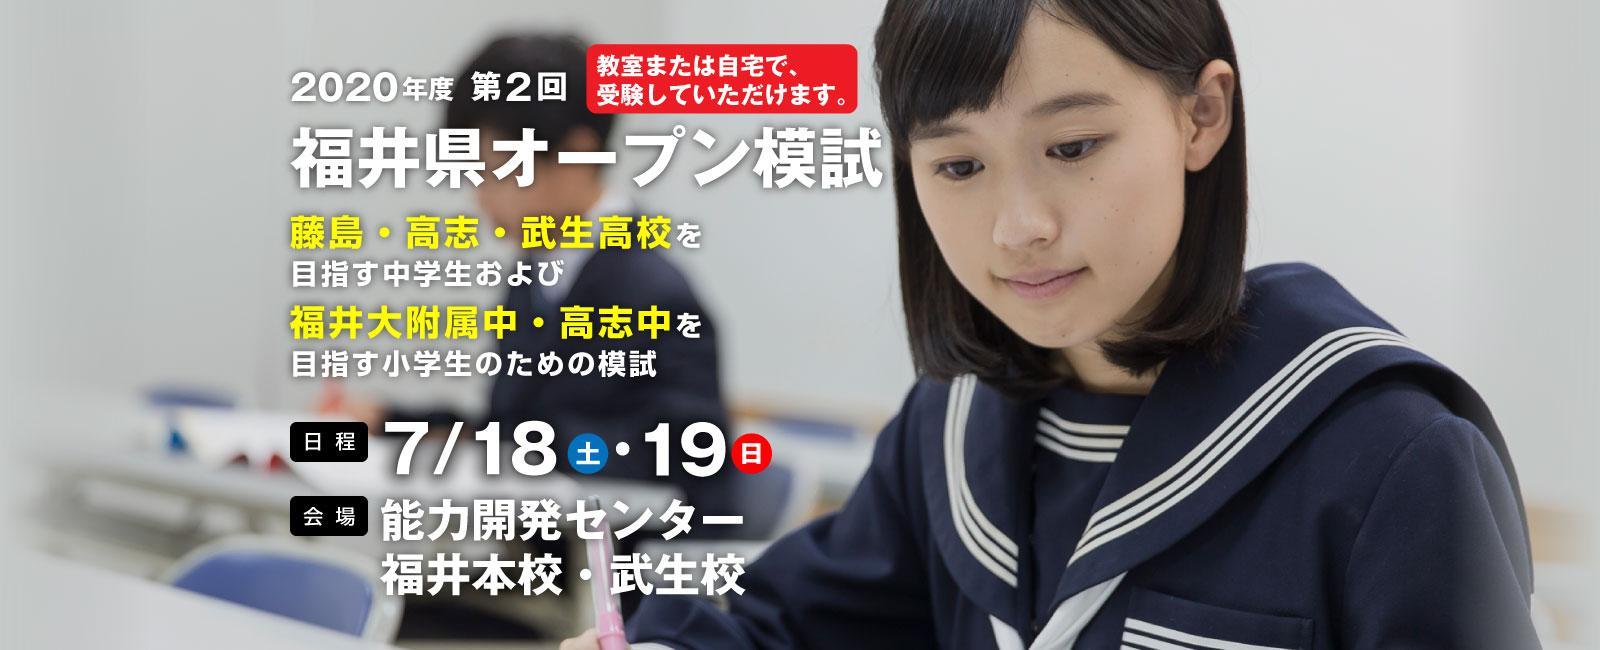 2020年度第1回福井県オープン模試藤島・高志・武生高校を目指す中学生および福井大附属中・高志中を目指す小学生のための模試